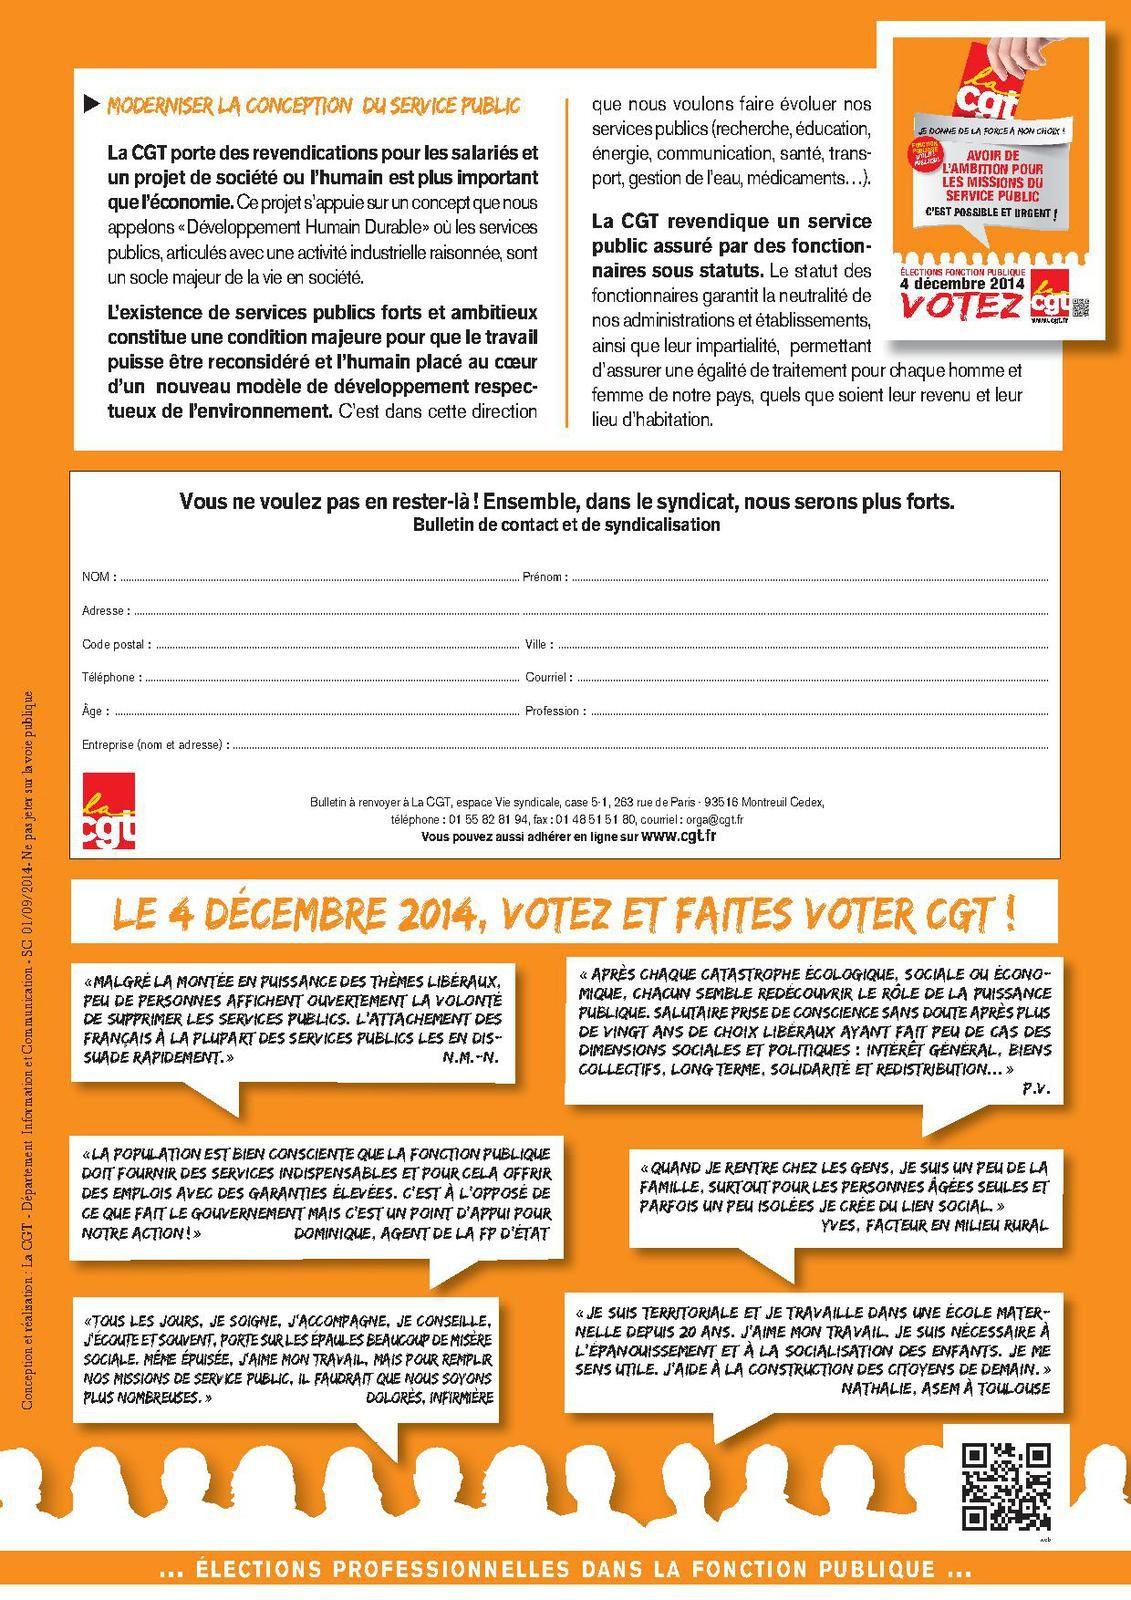 AVOIR DE L'AMBITION POUR LES MISSIONS DU SERVICE PUBLIC: